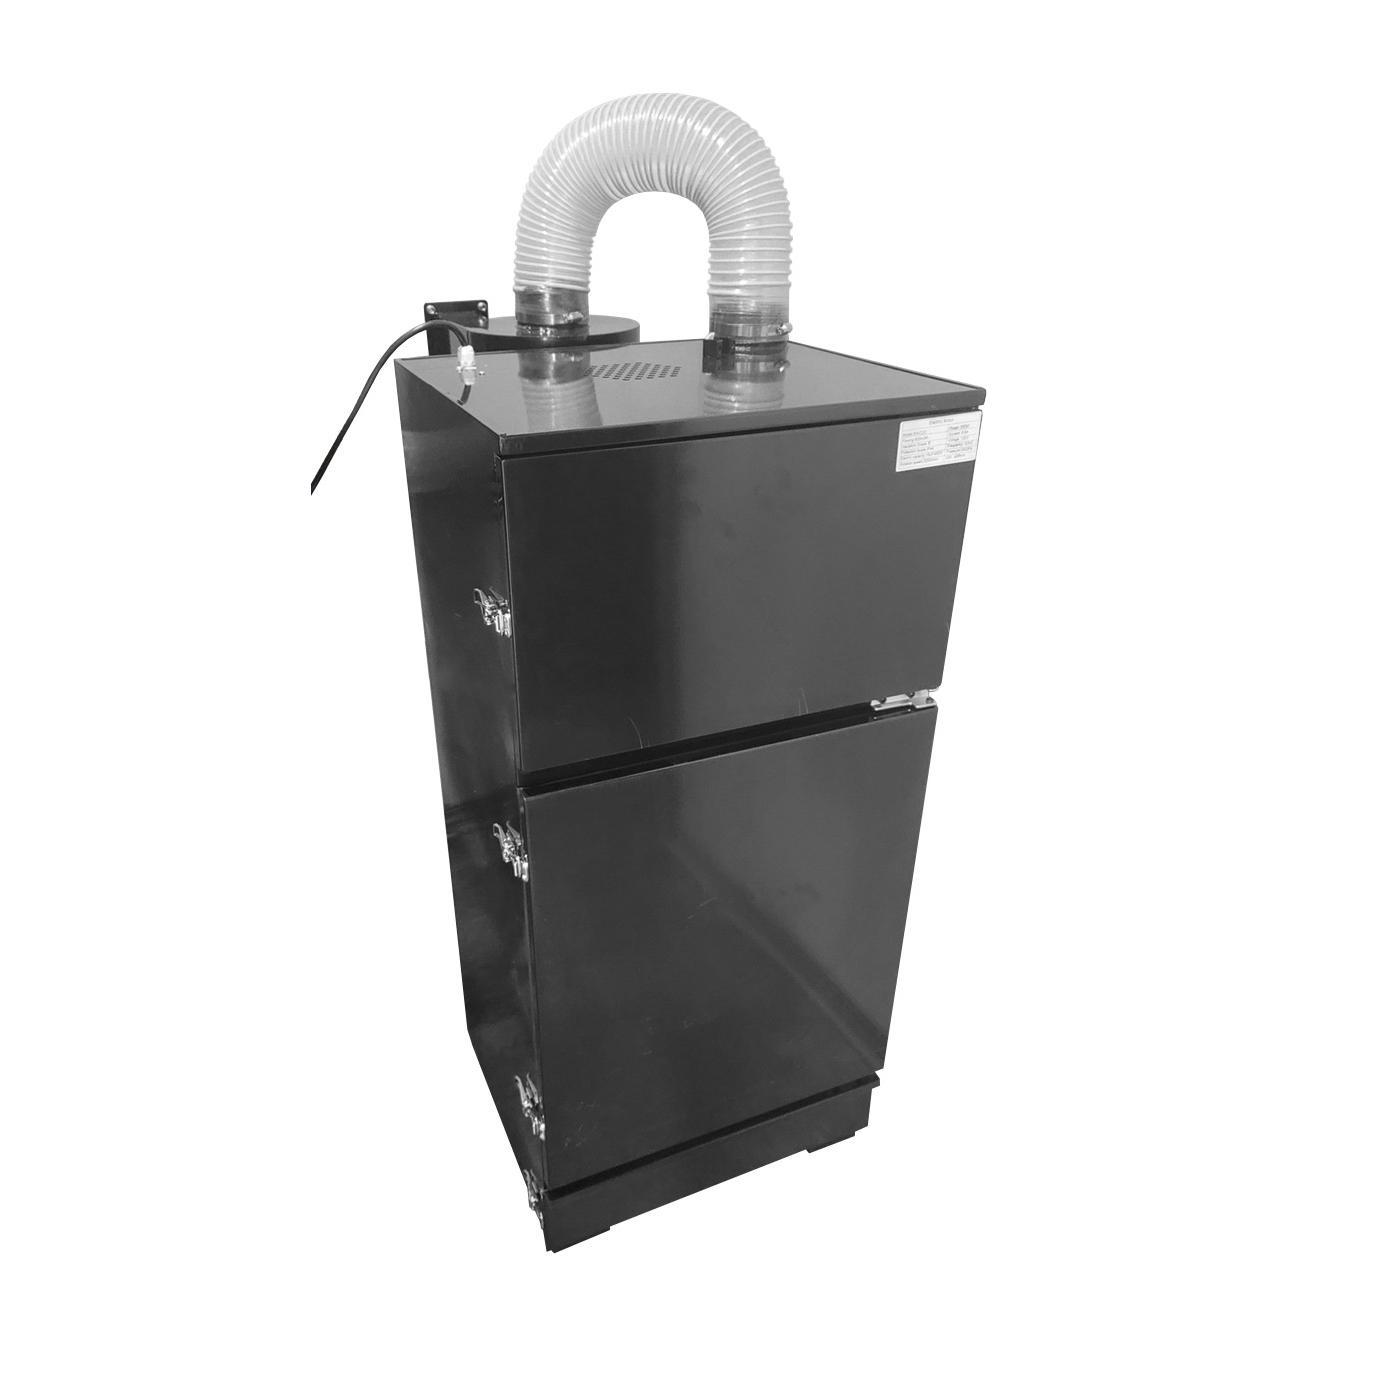 Redline REPP70 Clamshell Pressure Pot Abrasive Blast Cabinet